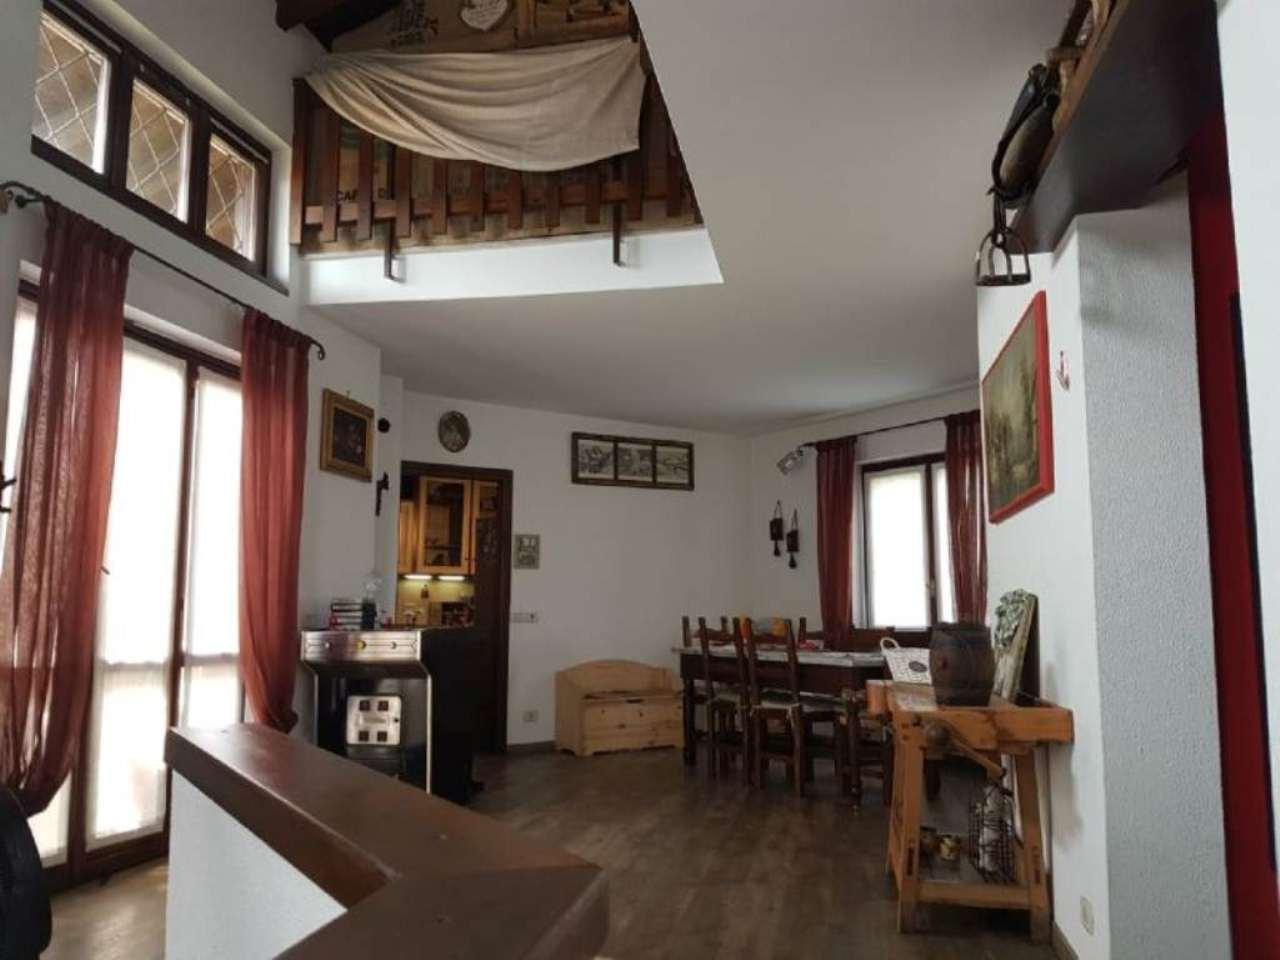 Villa in vendita a Cuasso al Monte, 5 locali, prezzo € 300.000 | CambioCasa.it